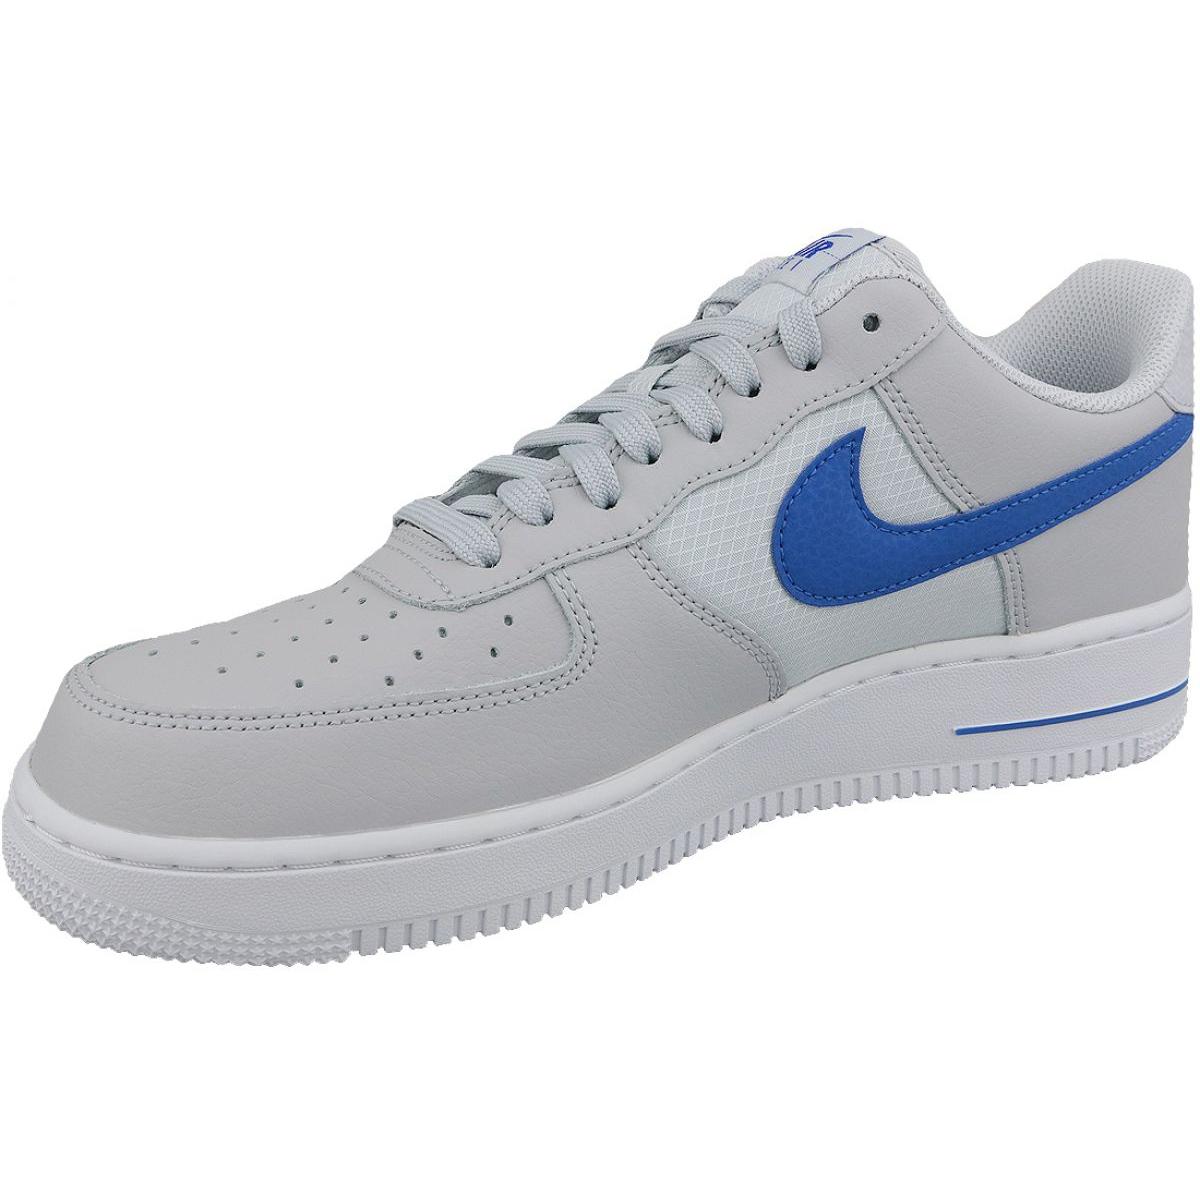 meilleur service b5d70 a2a77 Gris Chaussures Nike Air Force 1 '07 LV8 M CD1516-002